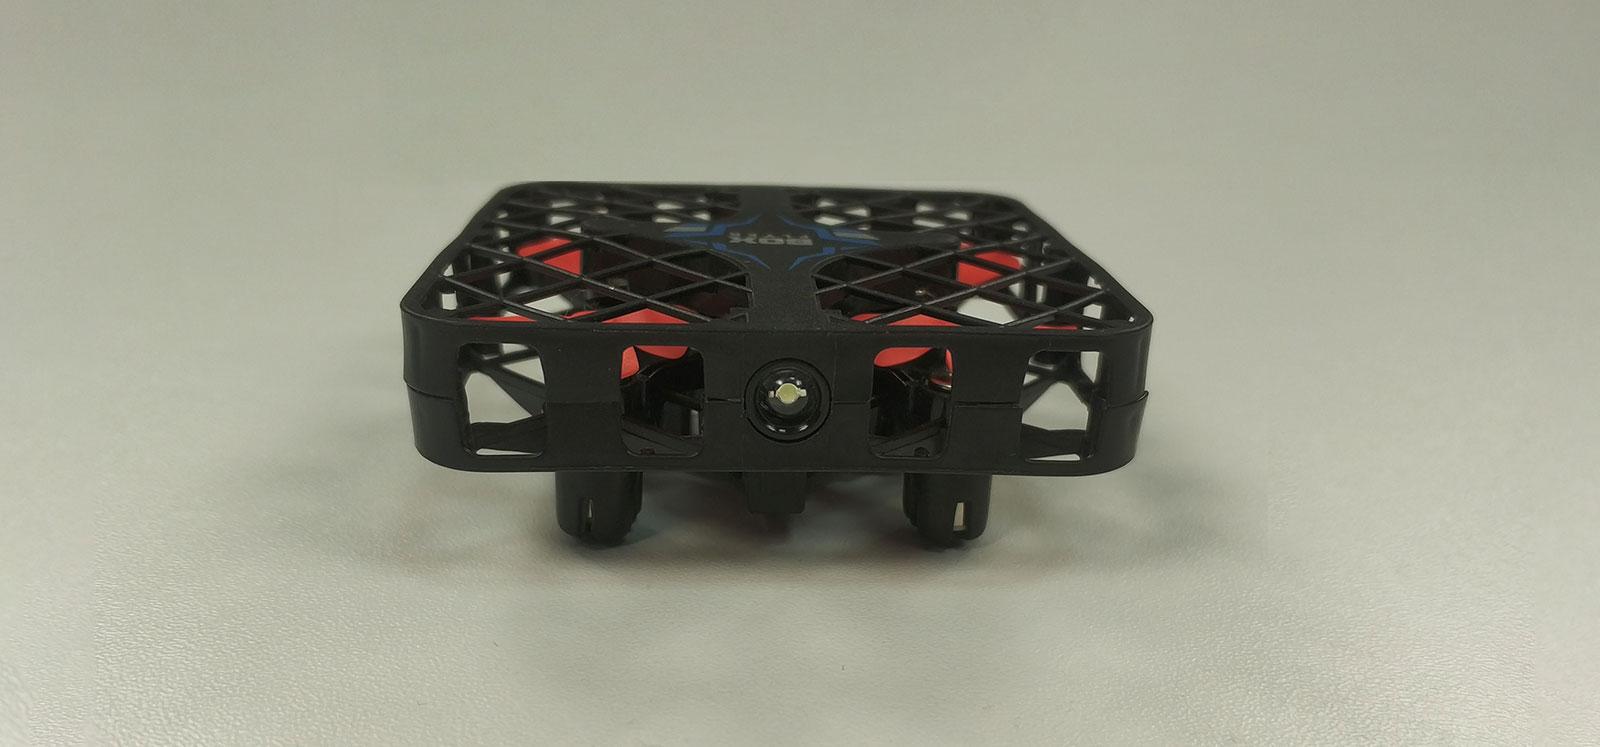 dron para niños de 6 años DHD D3